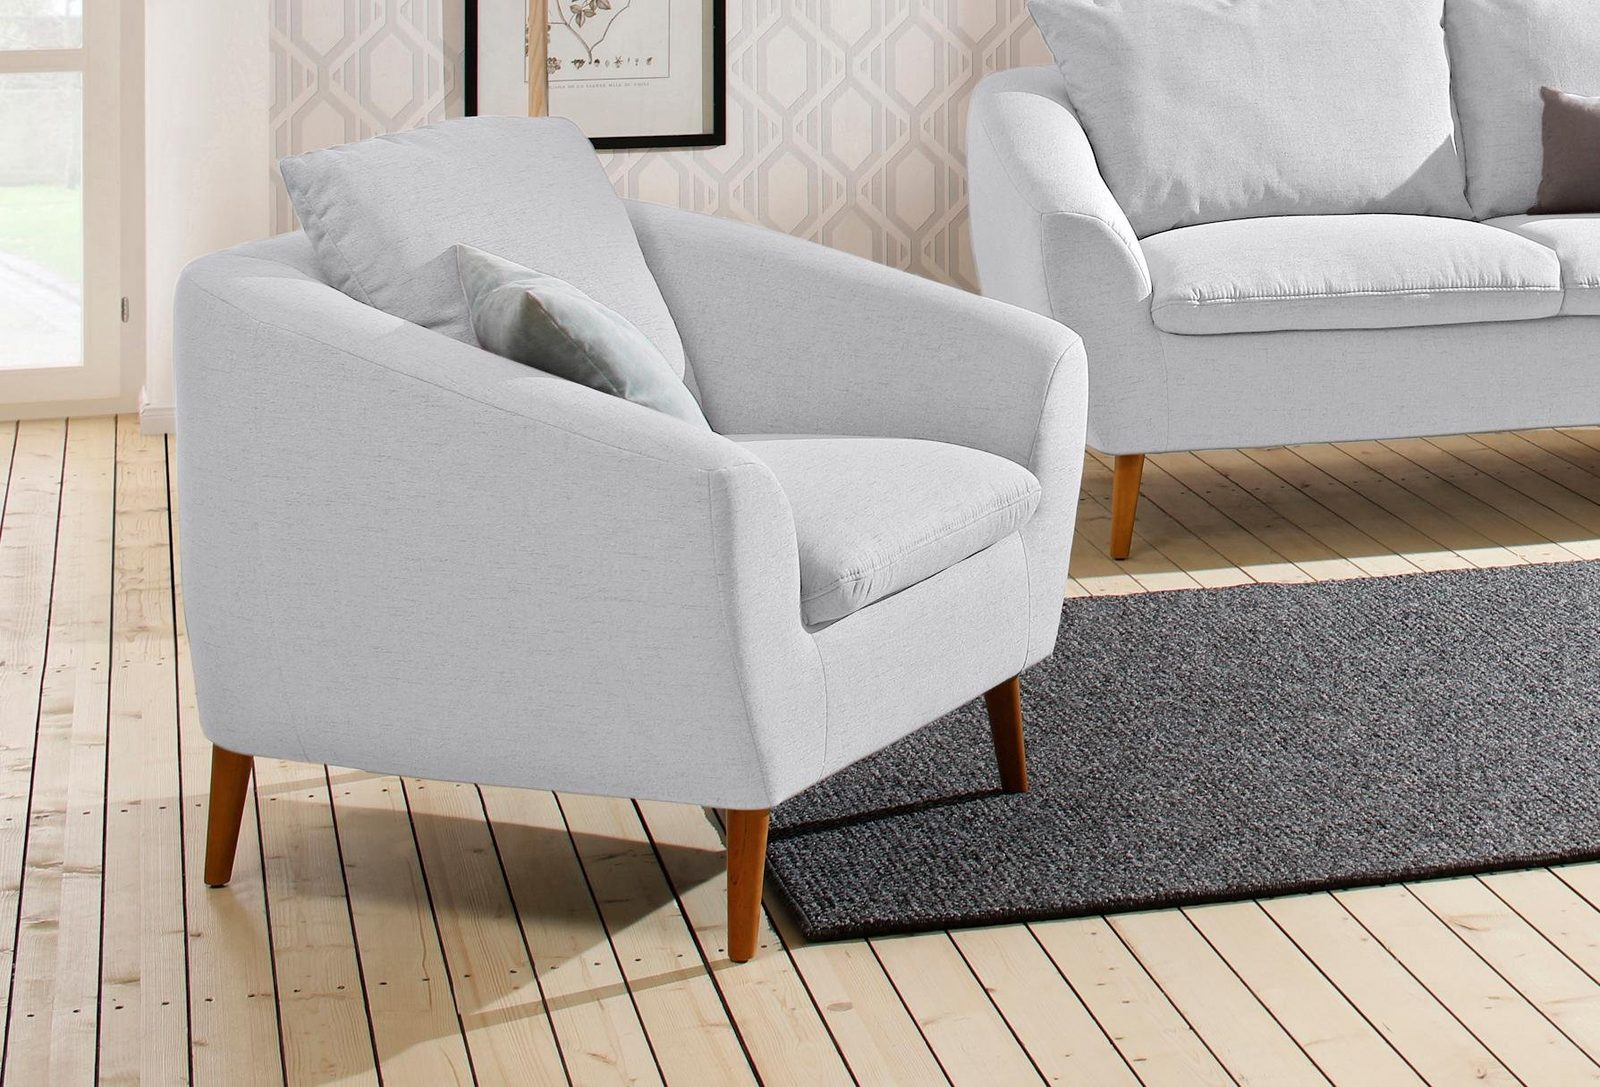 Home affaire Sessel »Amadeo« im skandinavischem Design, lose Rückenkissen - broschei